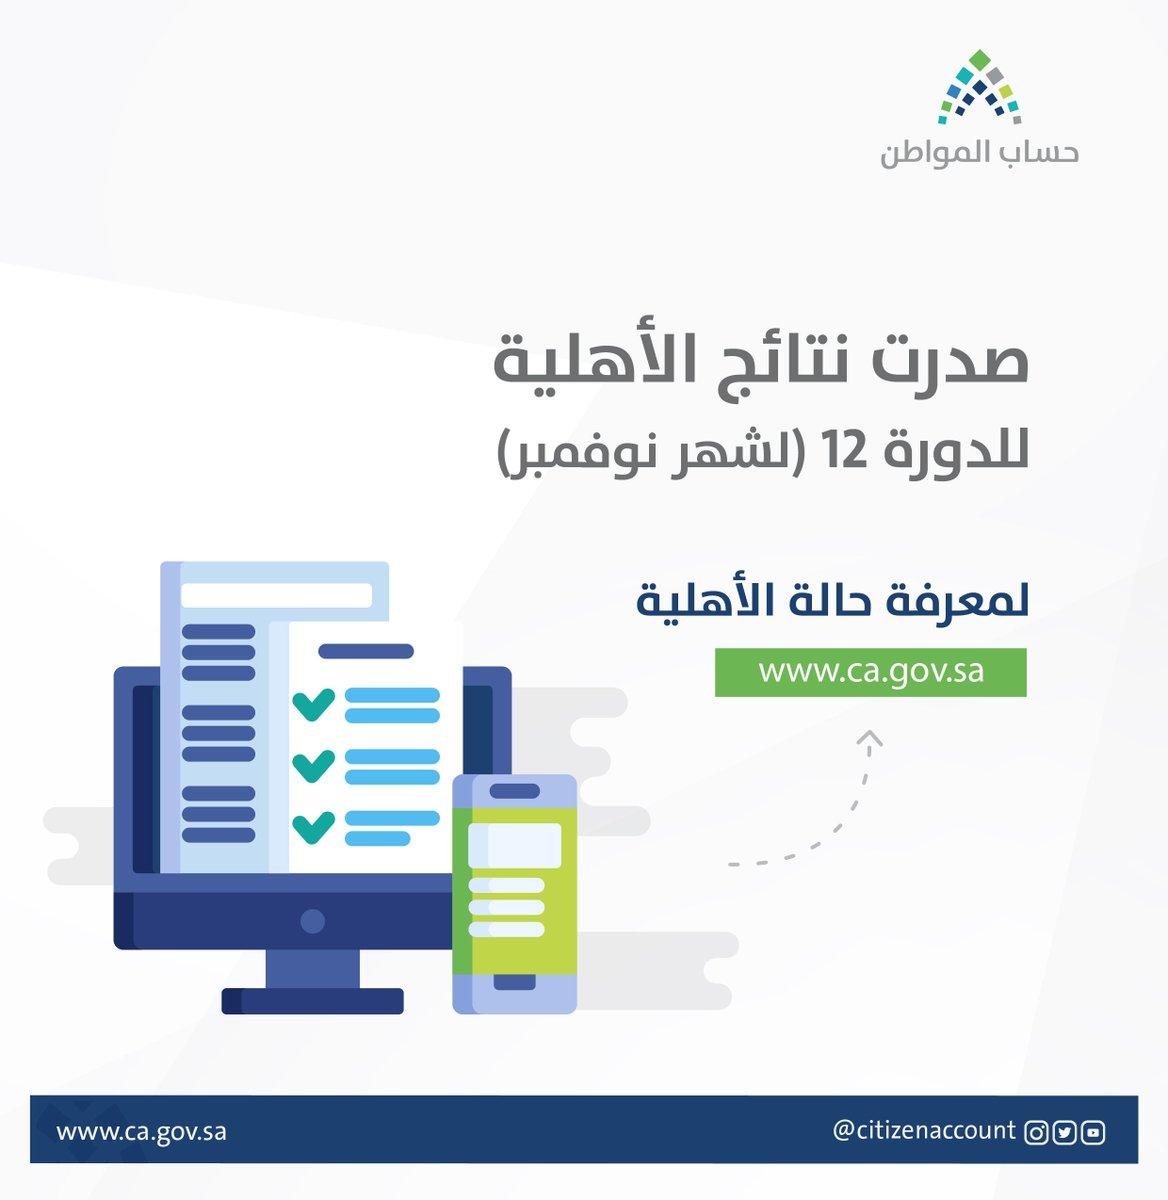 «حساب المواطن» يعلن نتائج الأهلية لدفعة شهر نوفمبر Dqqxs9rX0AAua9G.jpg